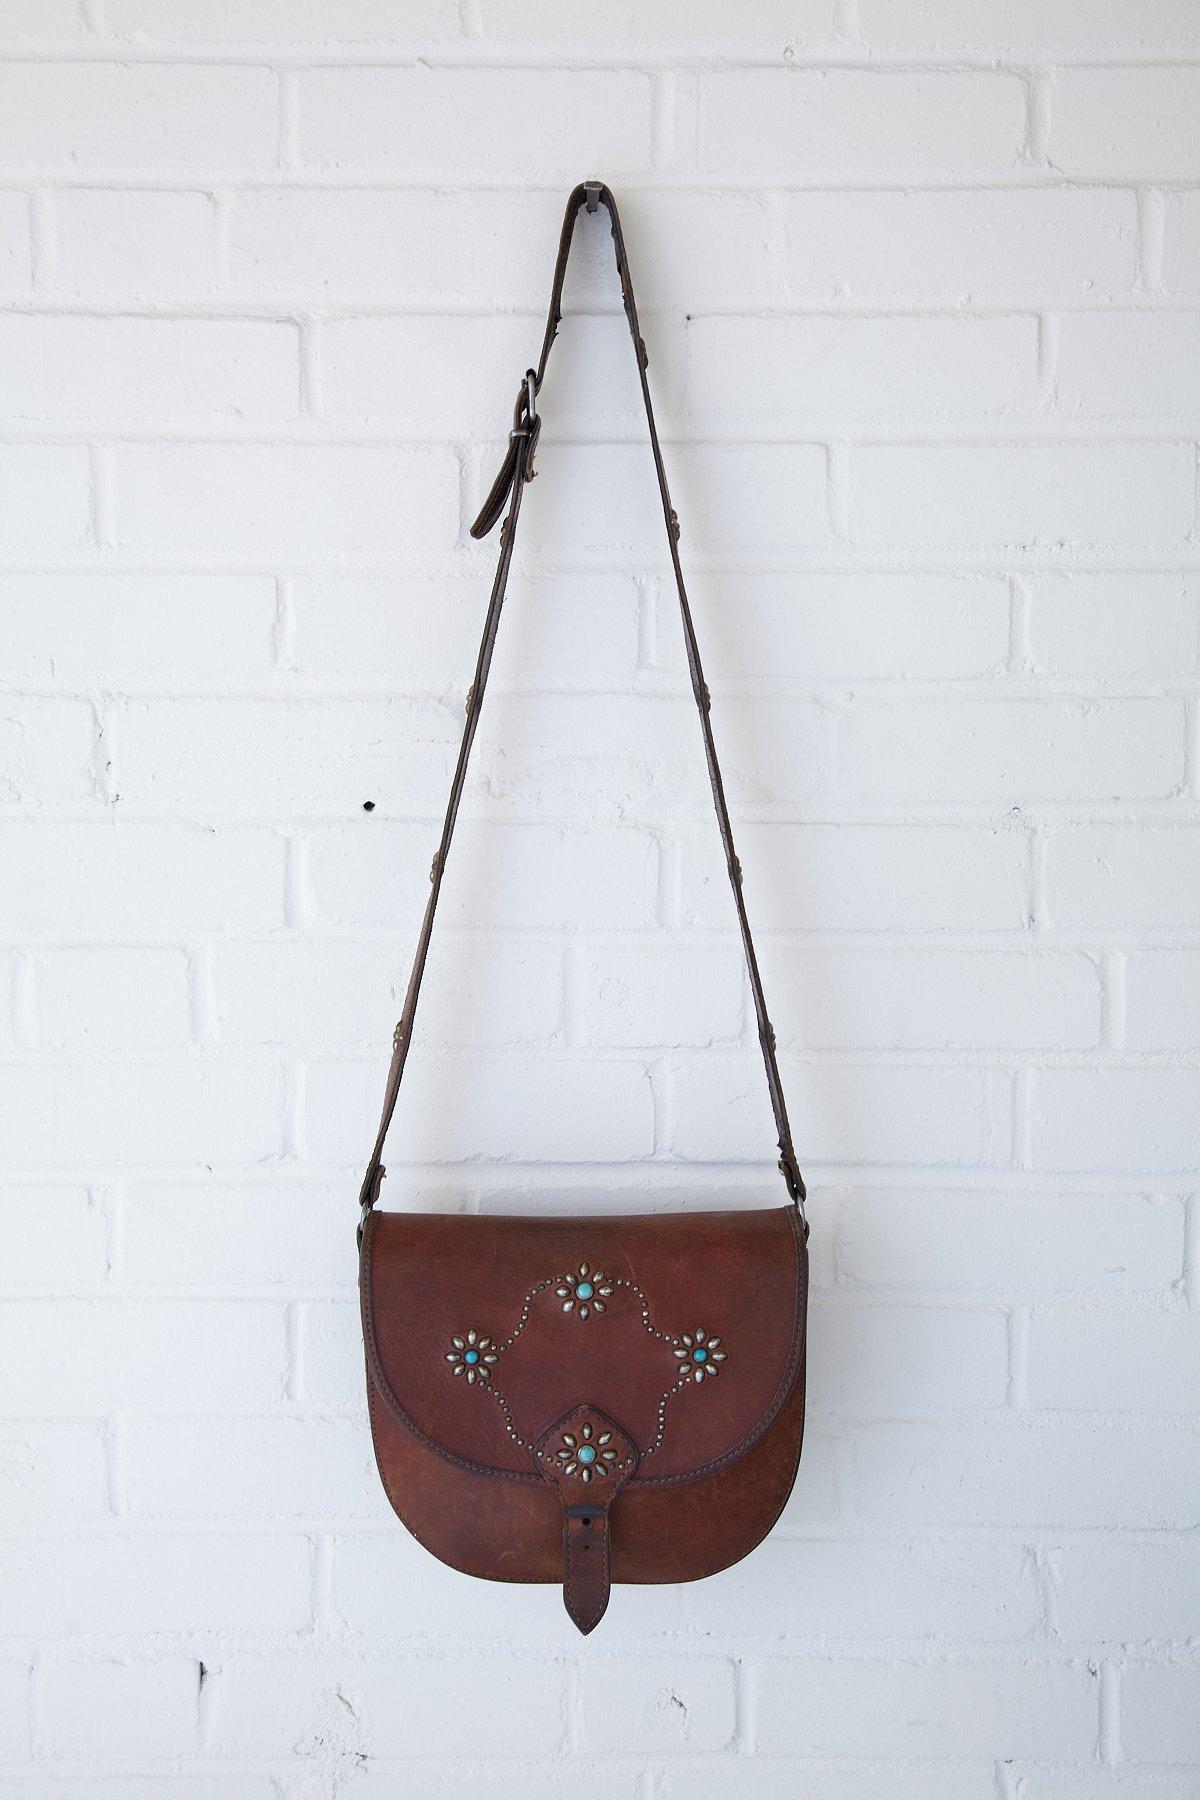 Vintage Brown Stud Floral Saddle Bag